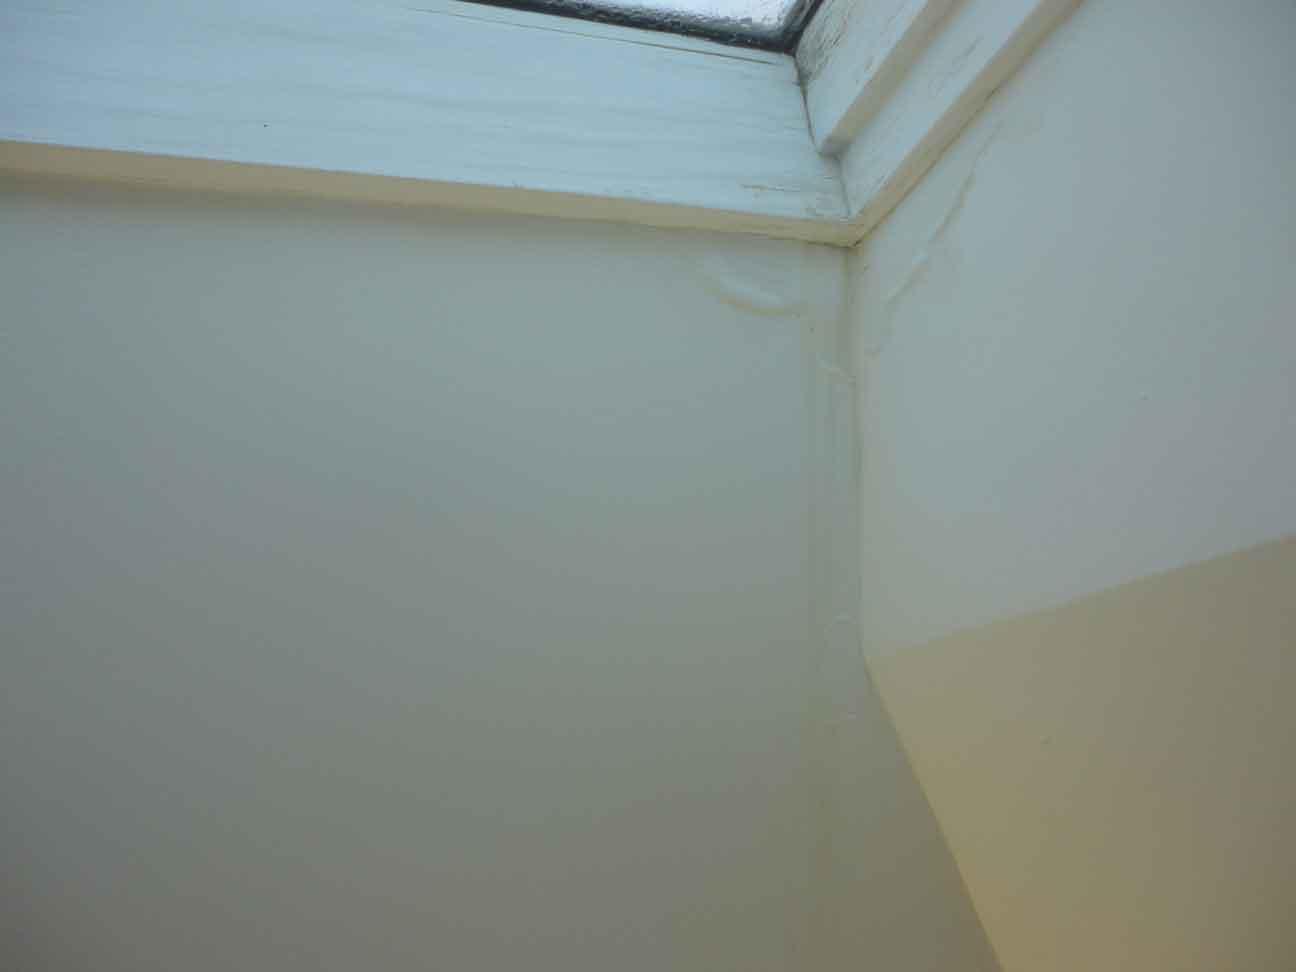 Other two skylights leak inside.